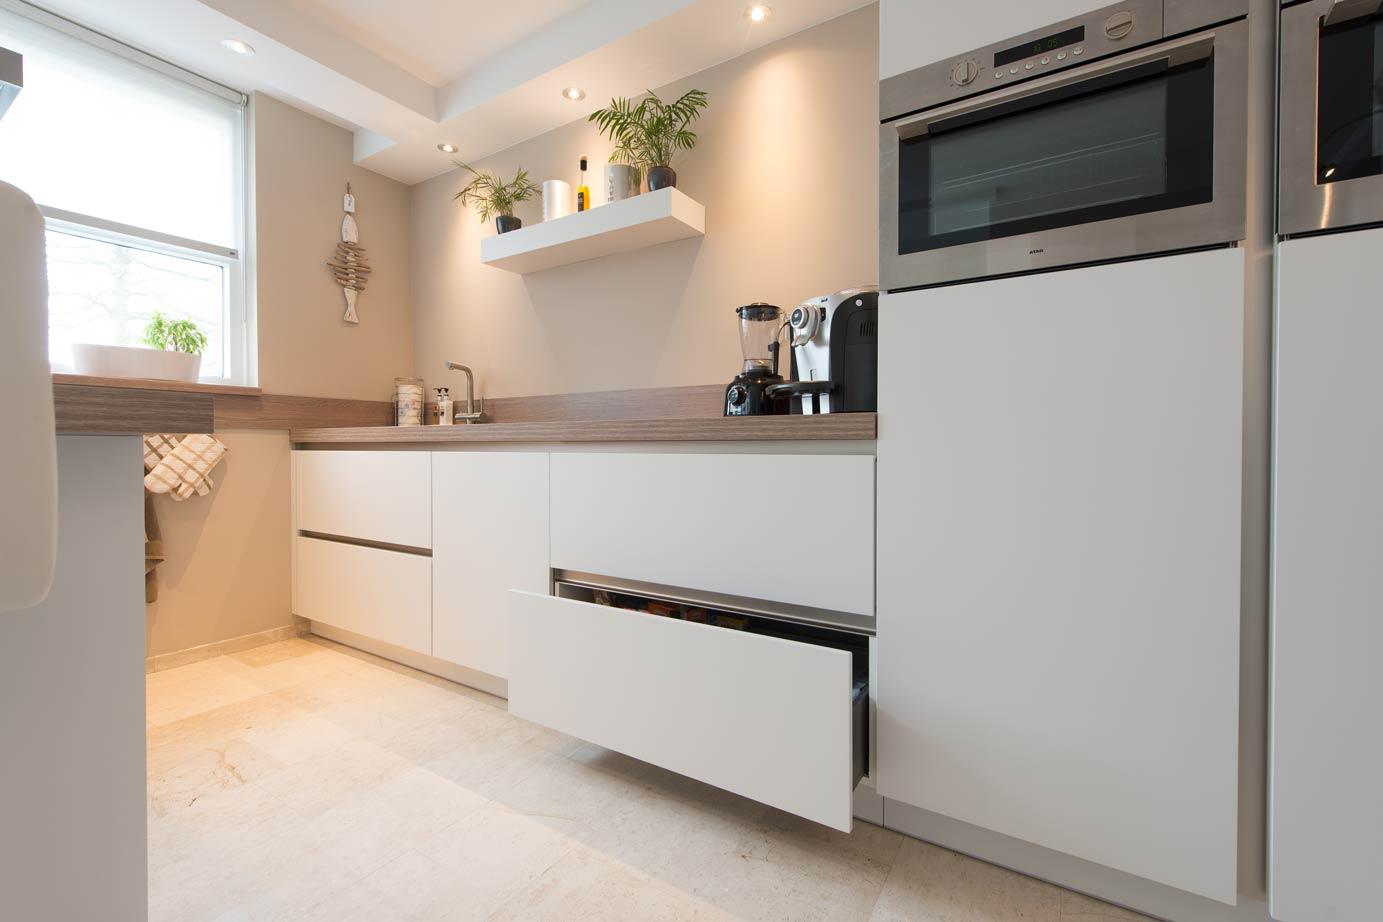 Keuken Zonder Bovenkasten : Meer licht. Meer licht en ruimte in de keuken? Lees tips! – DB Keukens